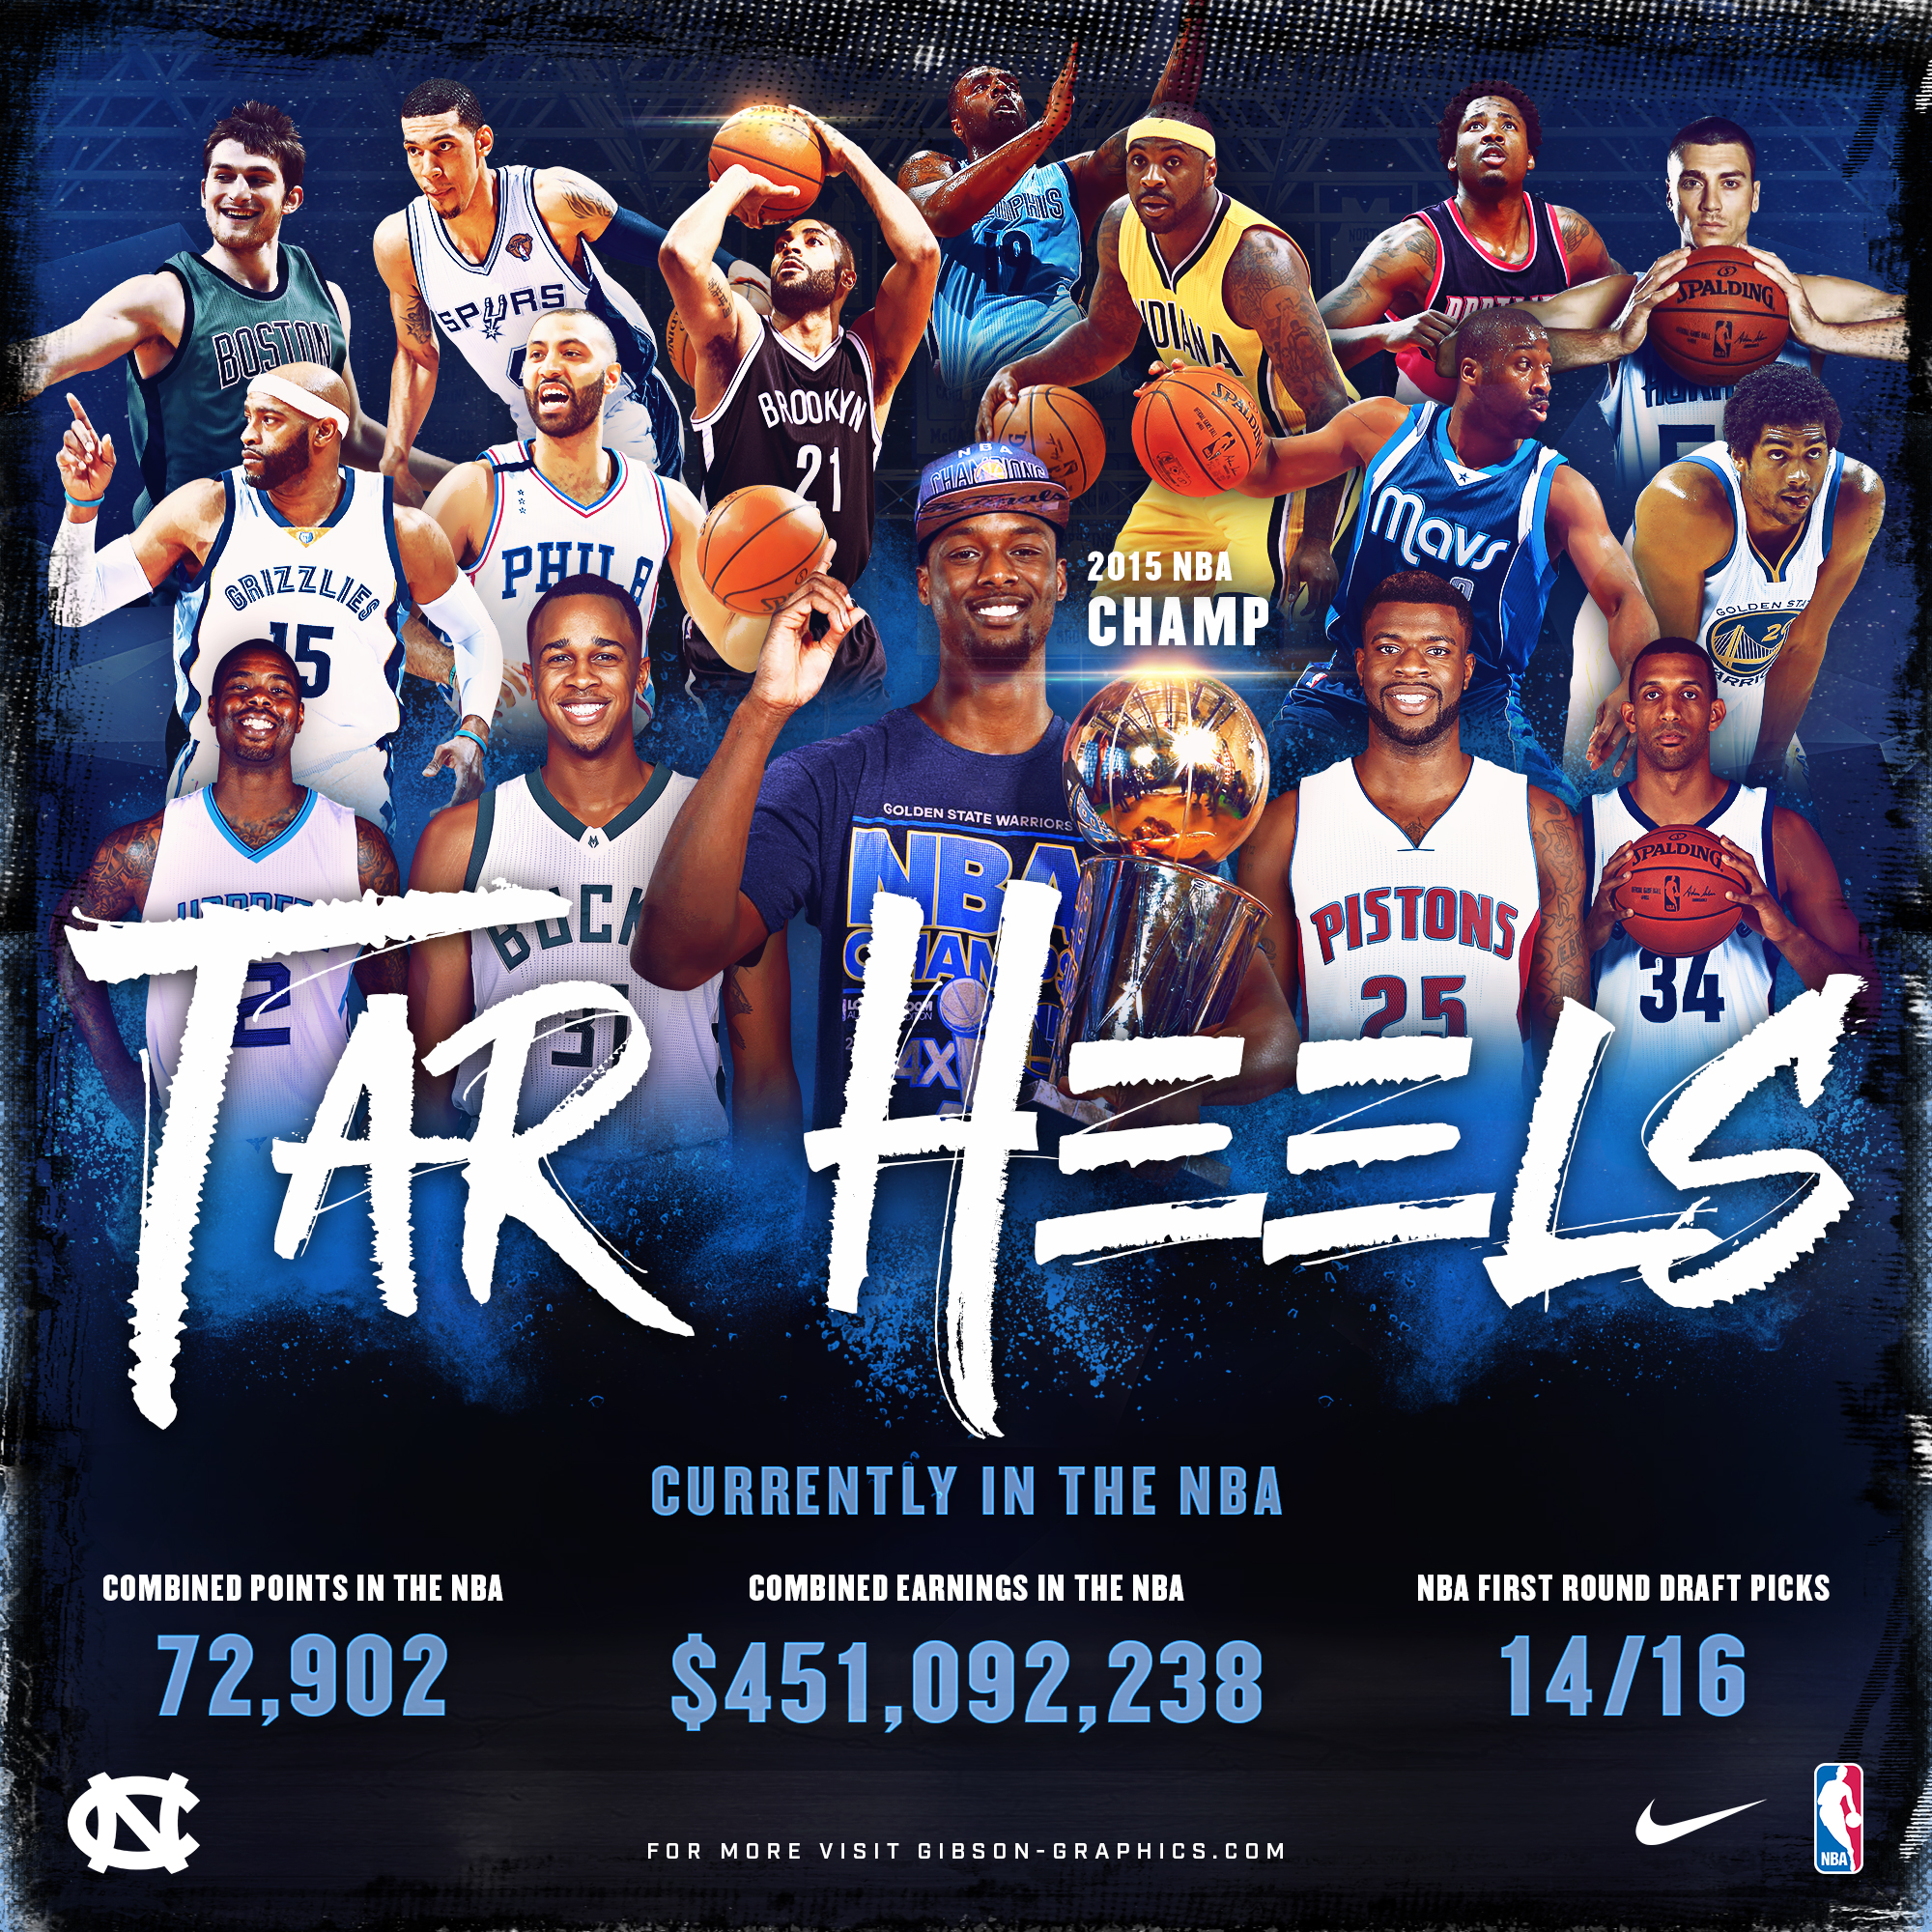 North Carolina Tar Heels In The NBA